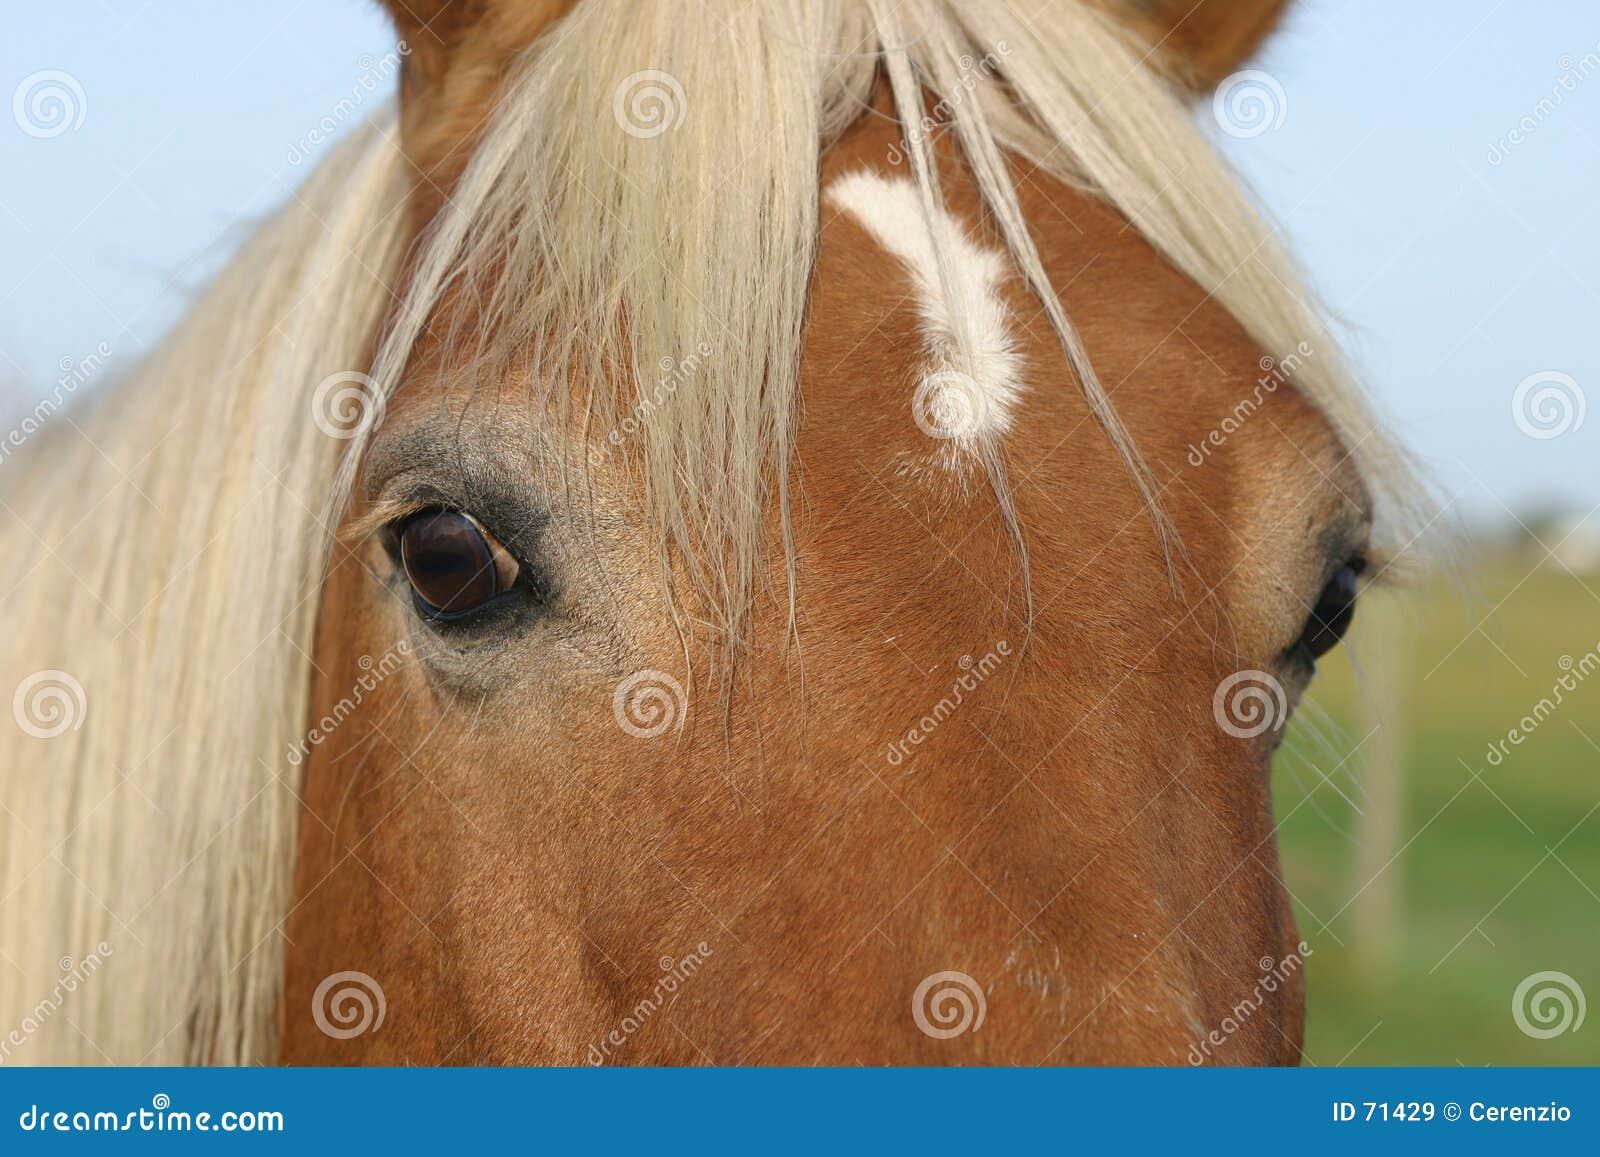 Horse Face